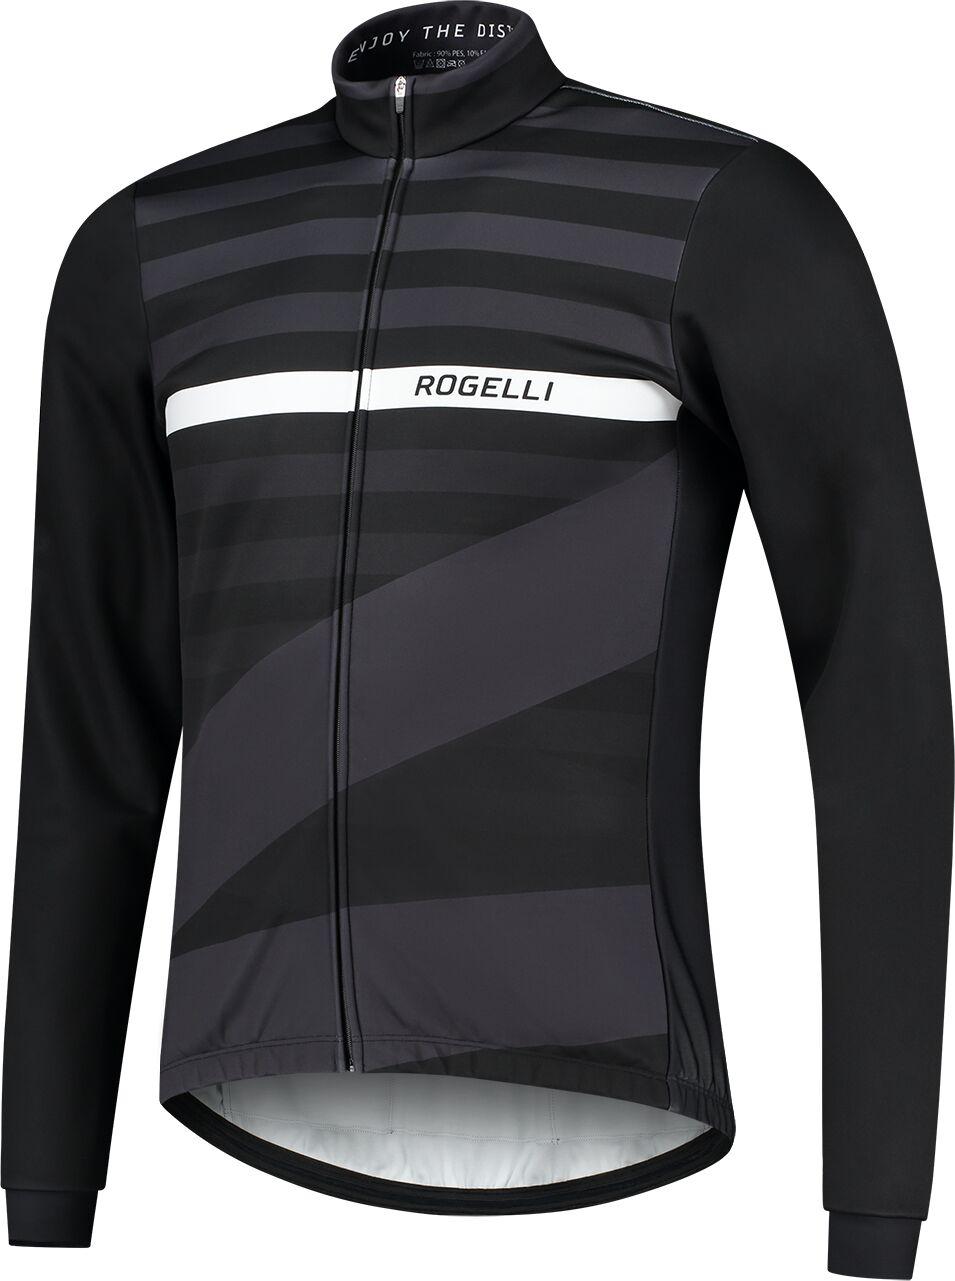 ROGELLI kurtka rowerowa zimowa STRIPE black ROG351039 Rozmiar: 2XL,SROG351039.S